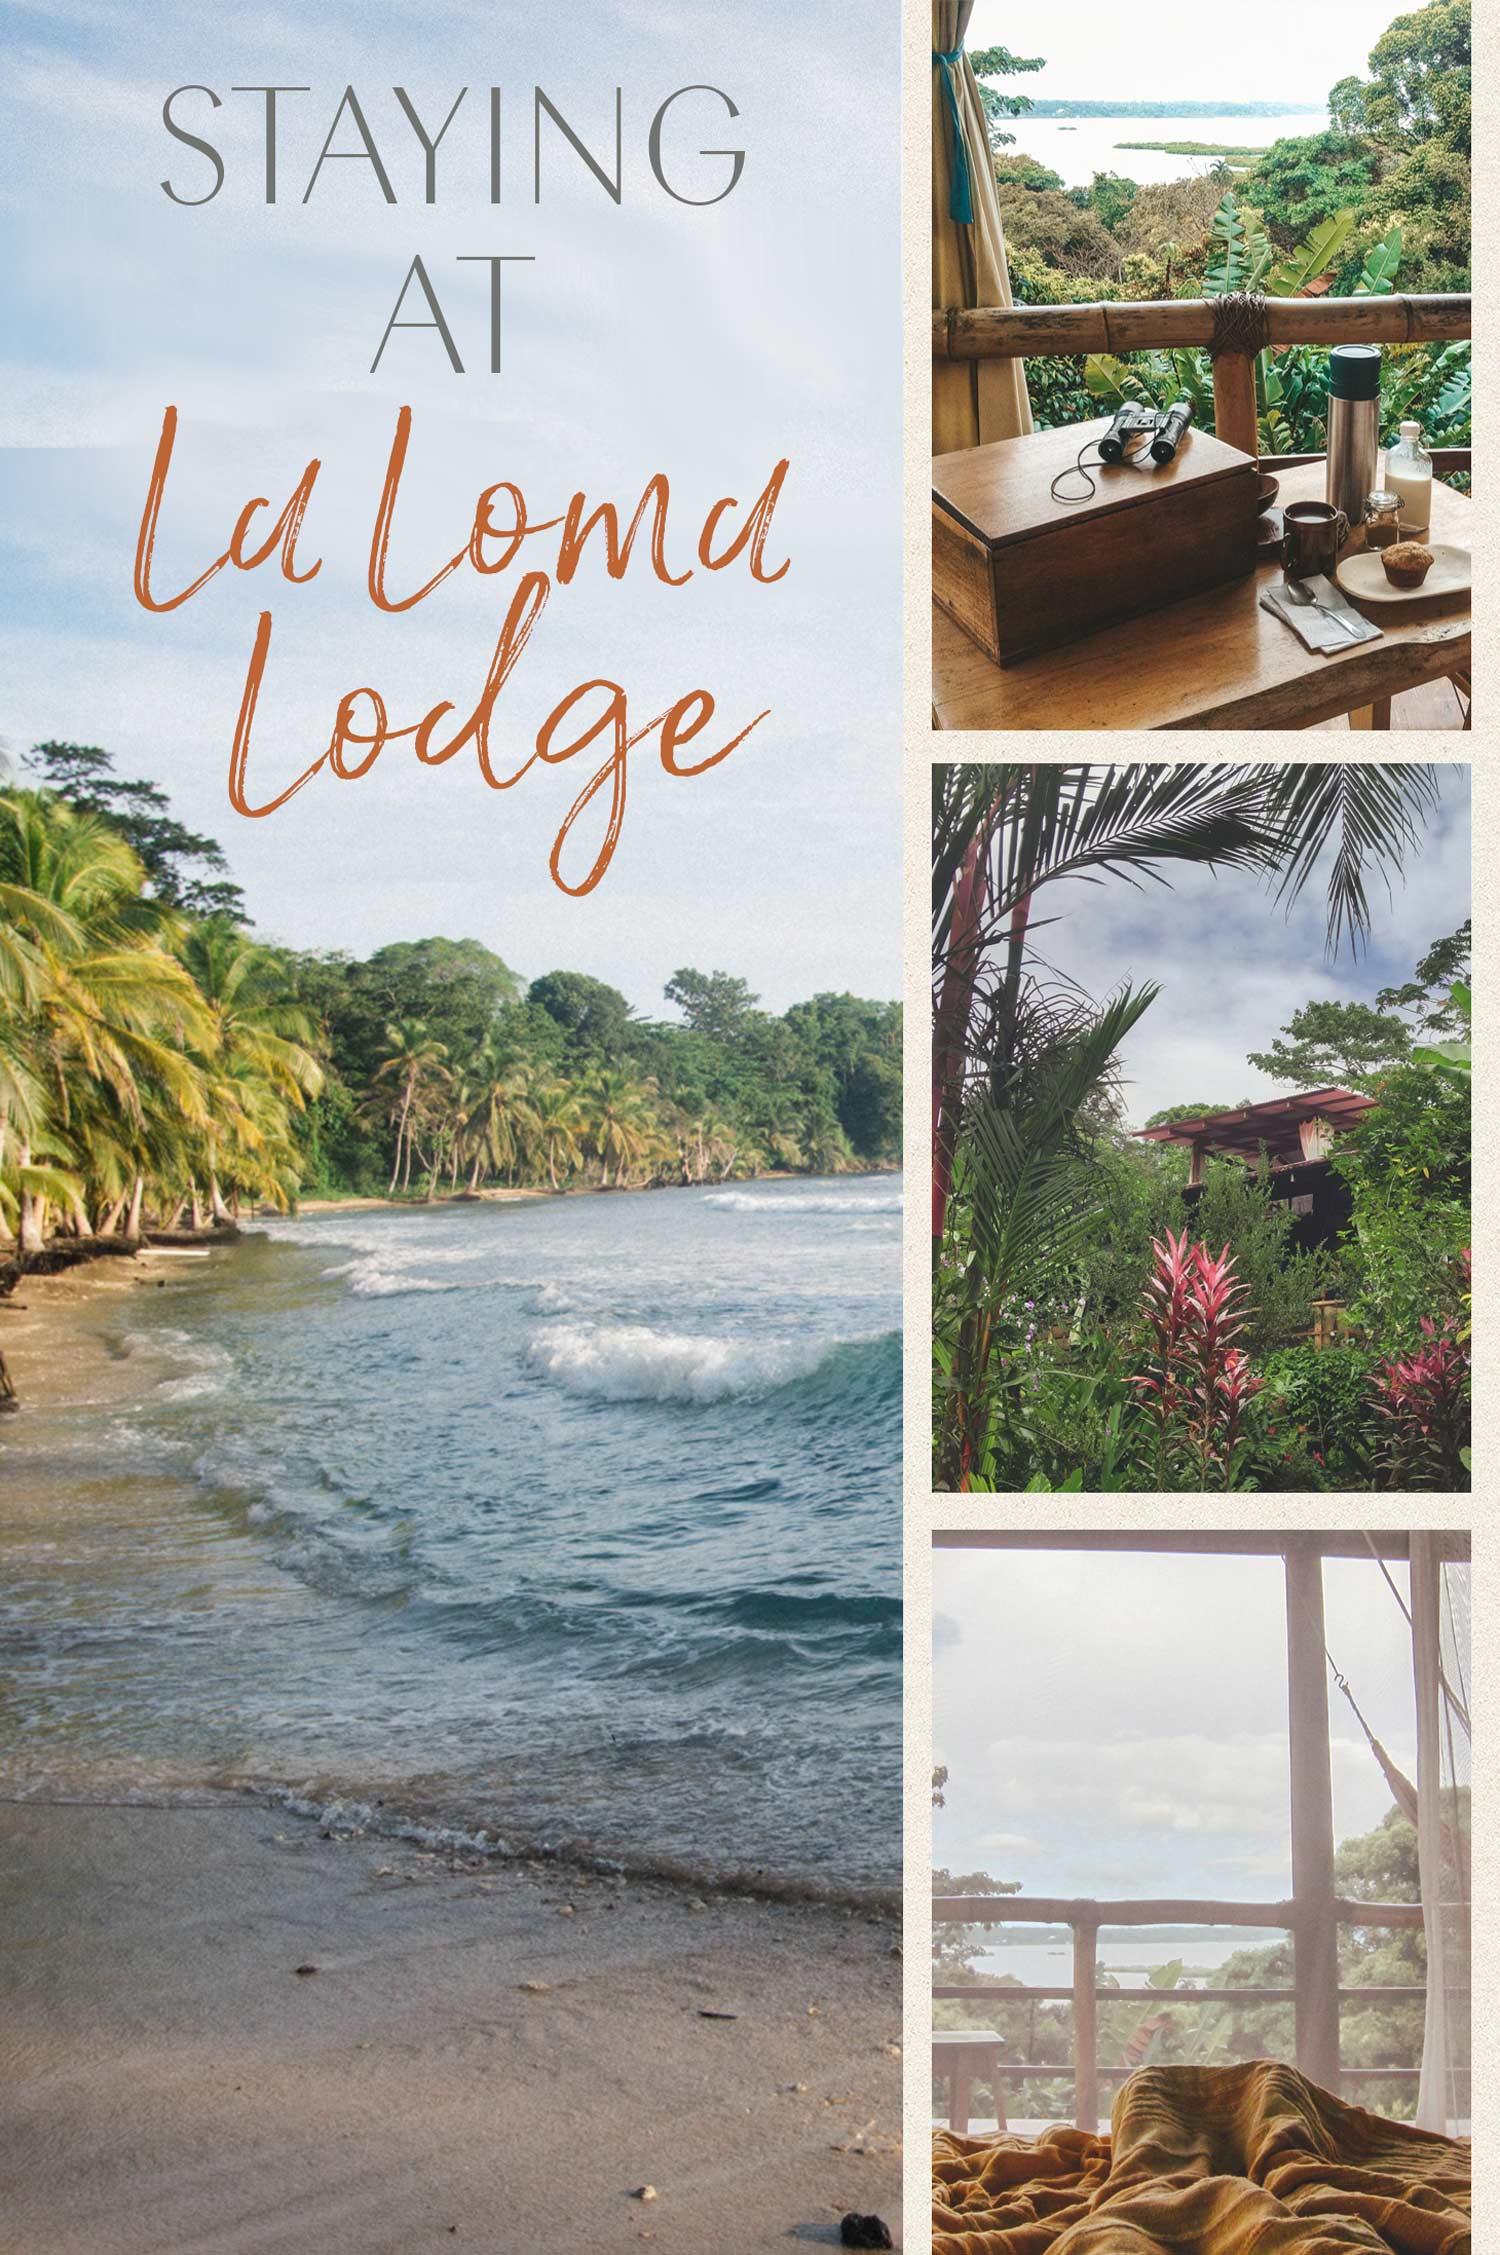 Staying at La Loma Lodge